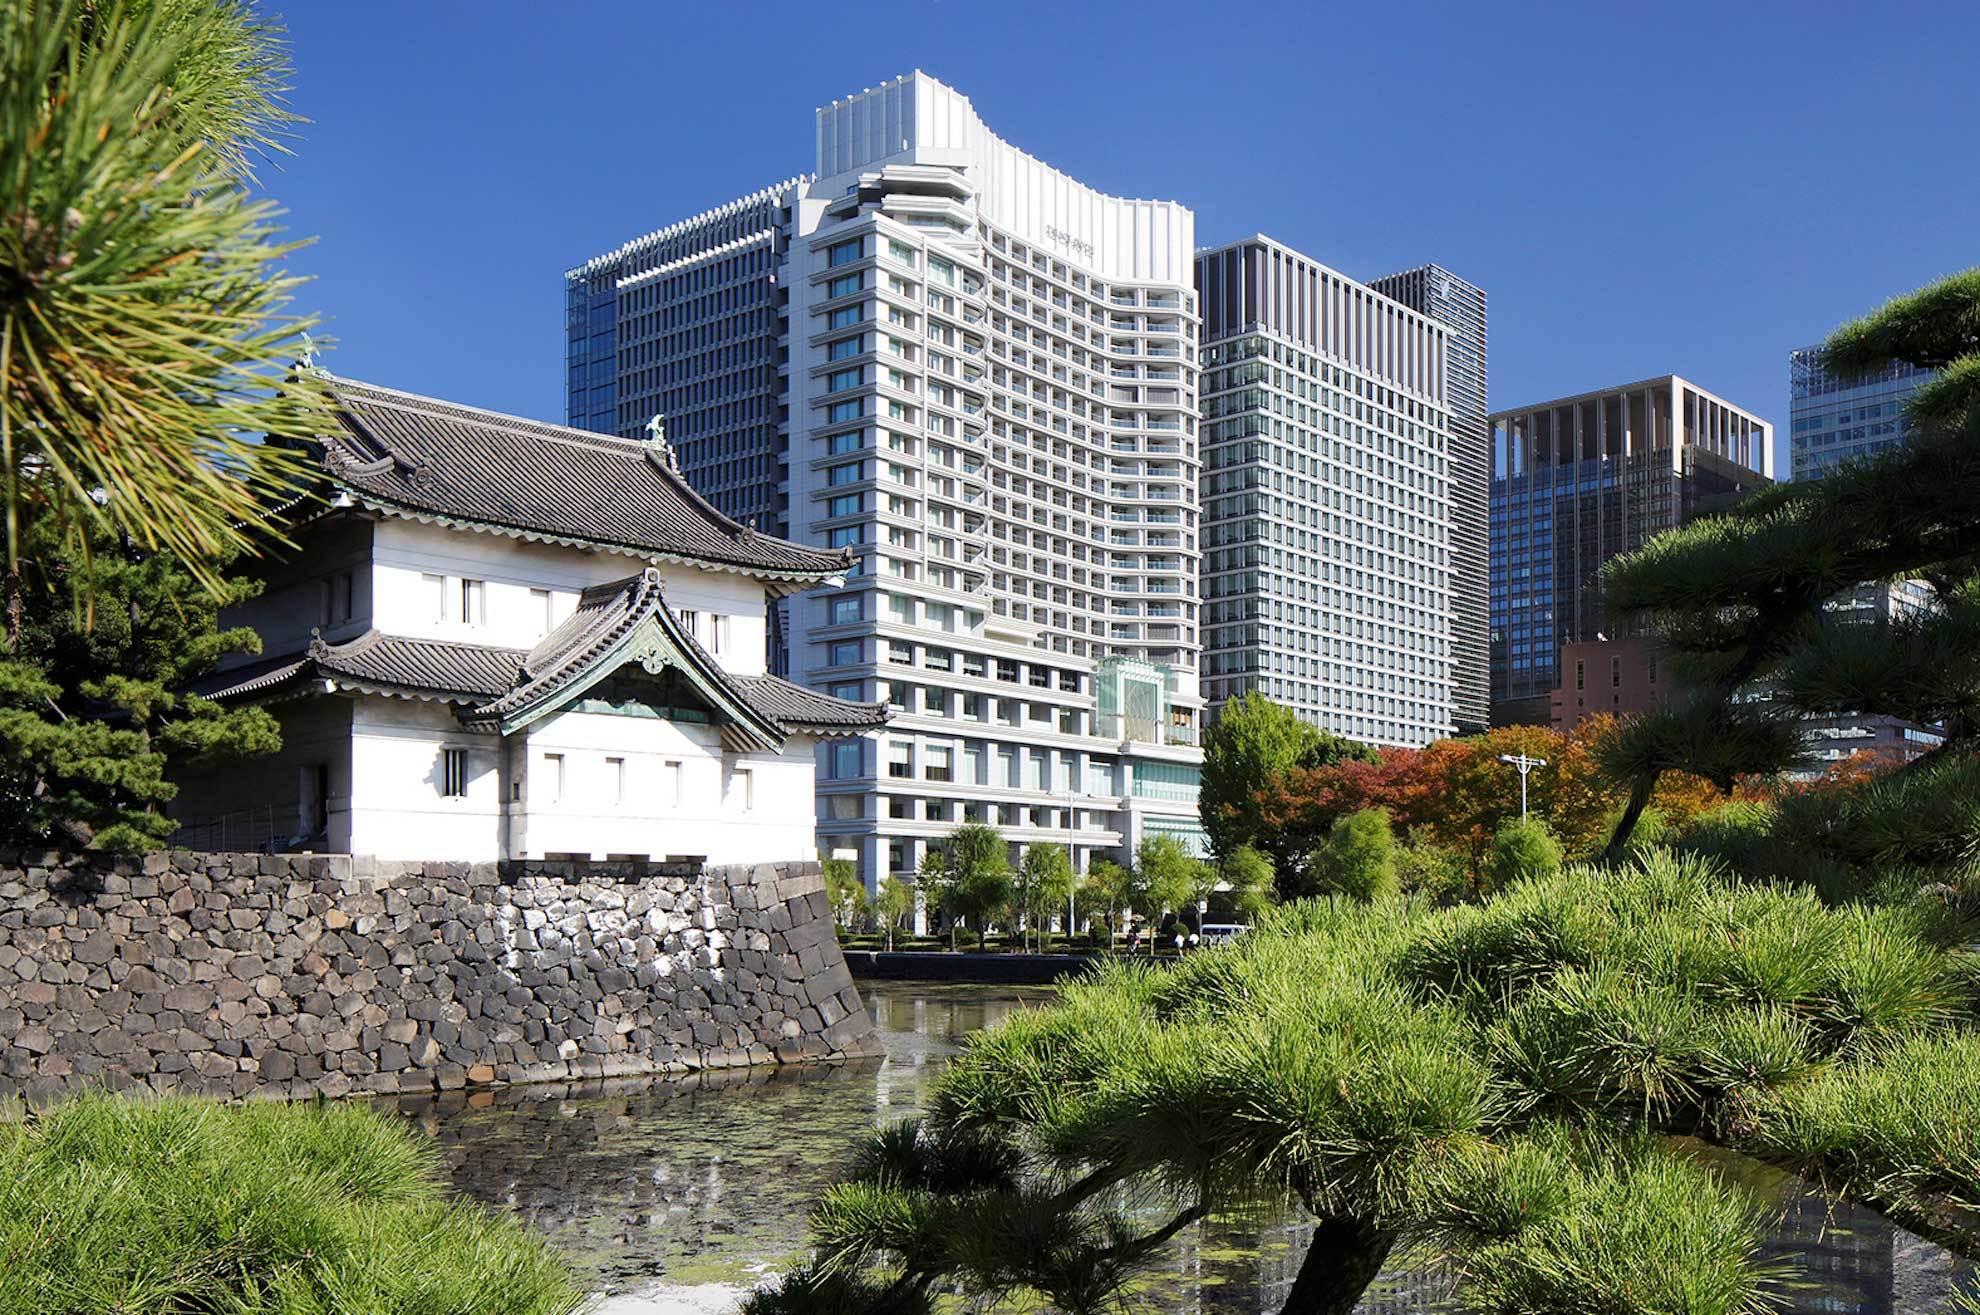 パレスホテル東京 (1)_b0405262_23115265.jpg